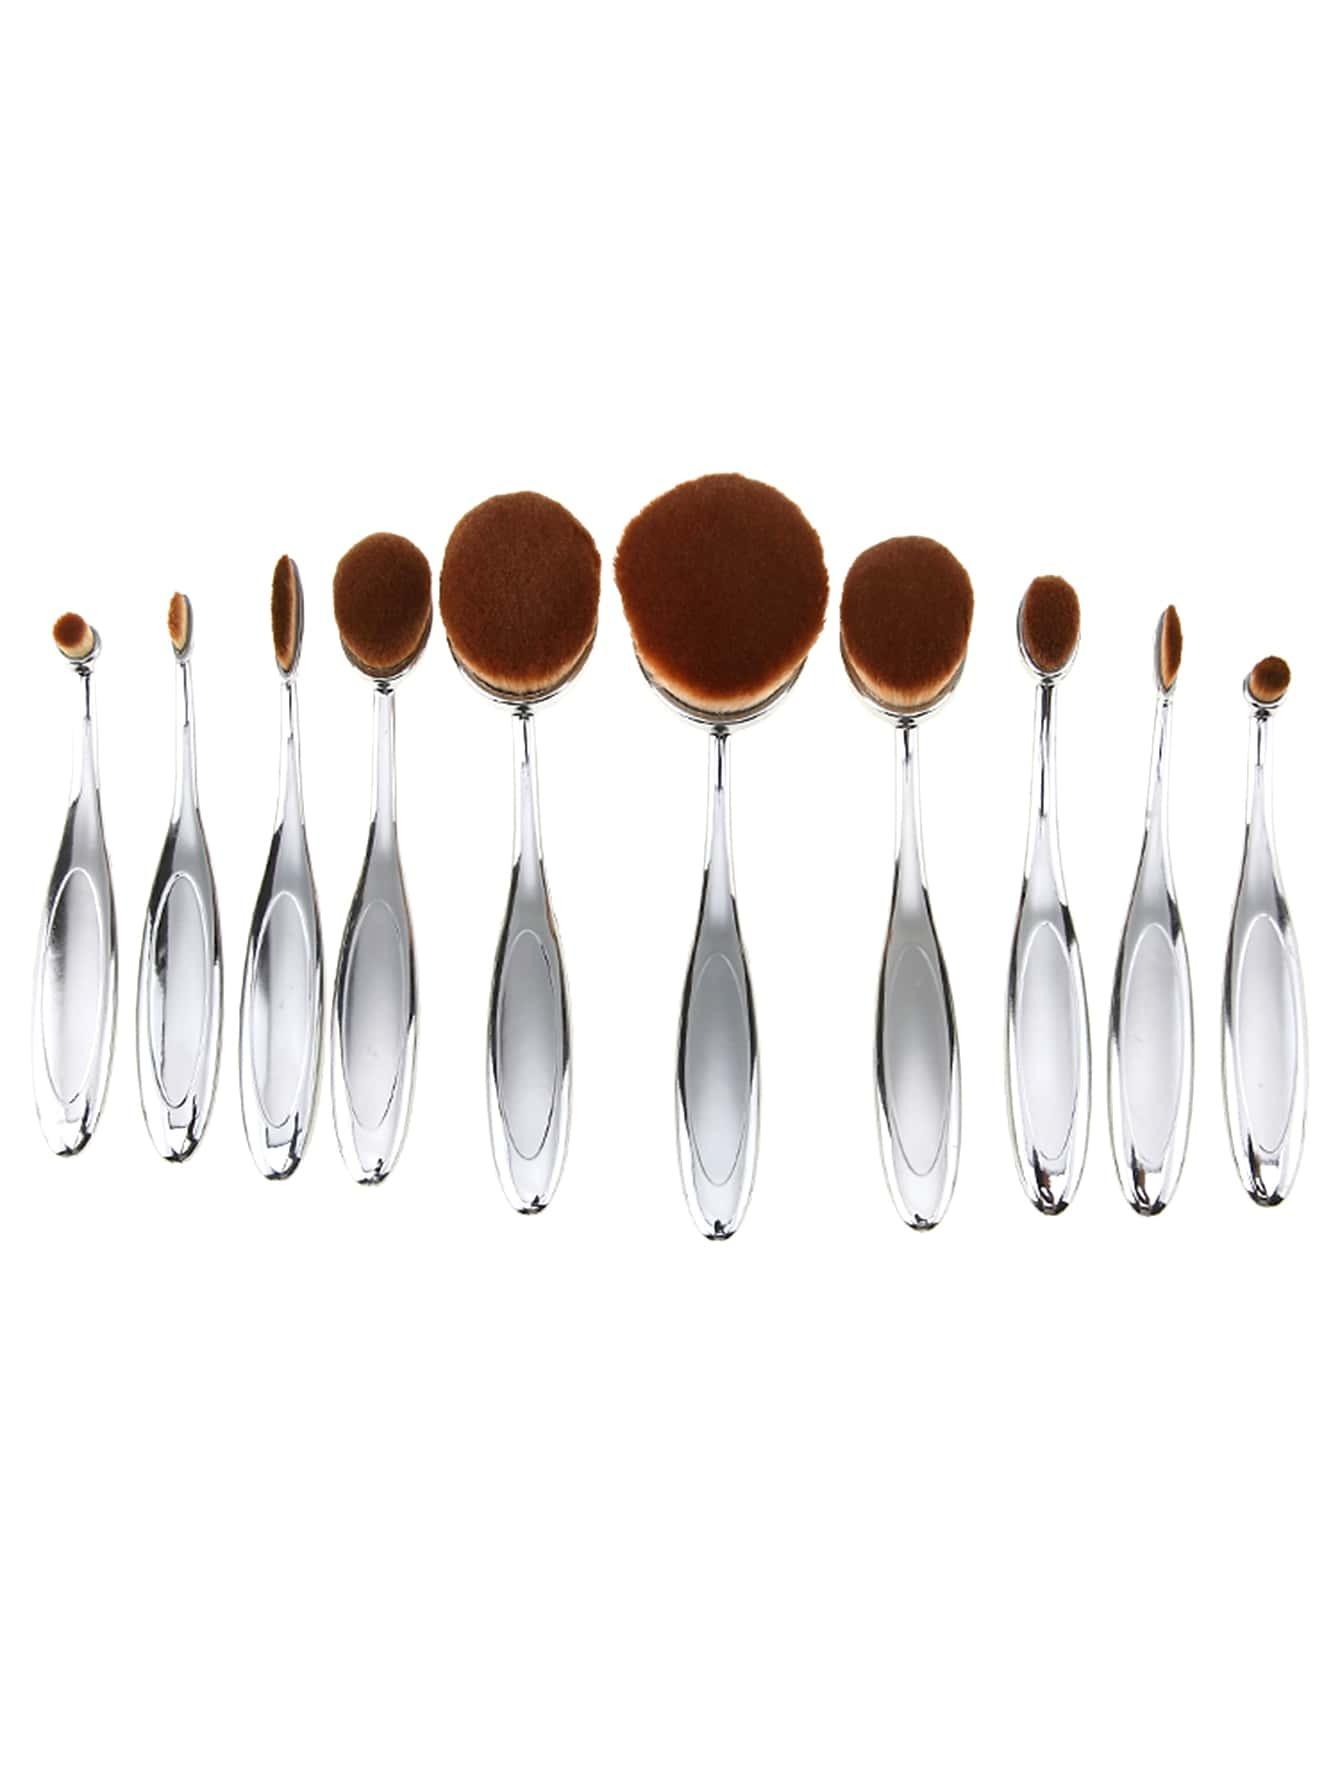 Image of 10PCS Silver Professional Toothbrush Makeup Brush Set